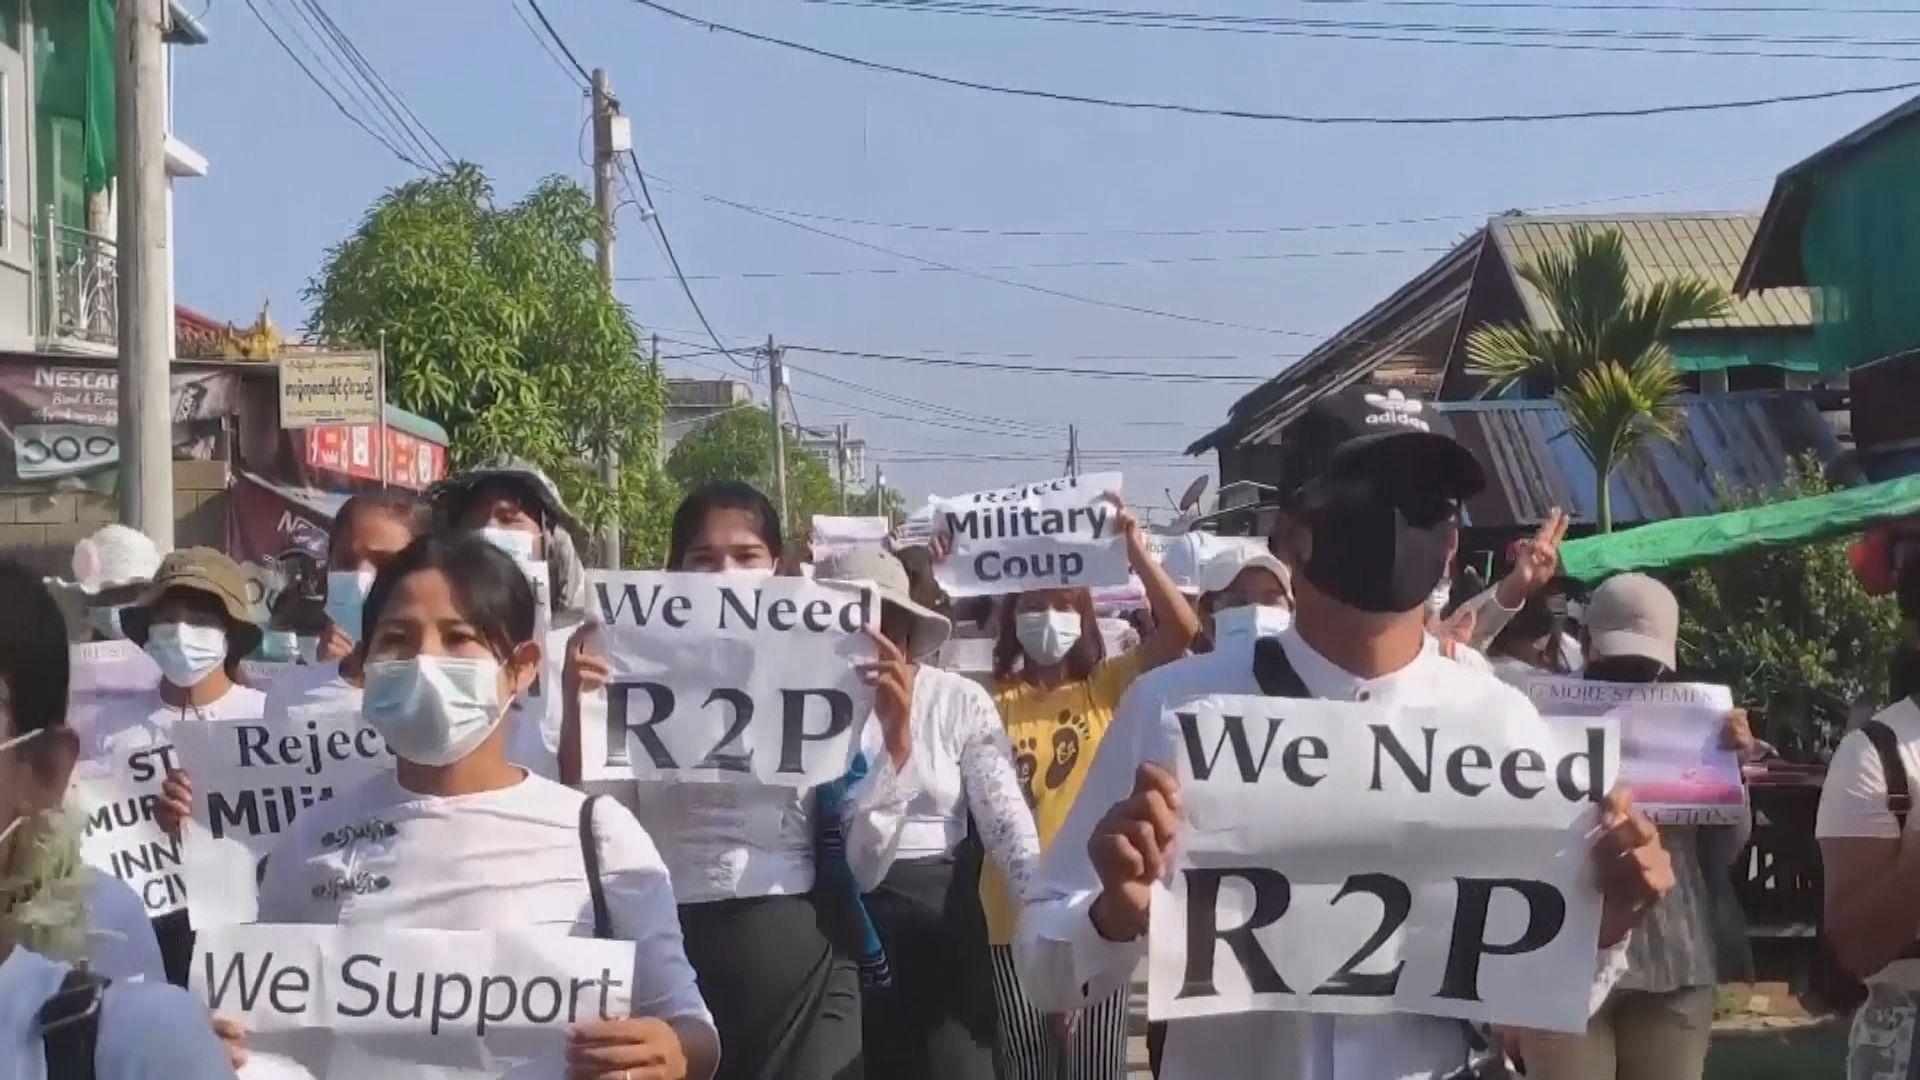 緬甸反軍事政變示威持續 據報至少二人中槍死亡